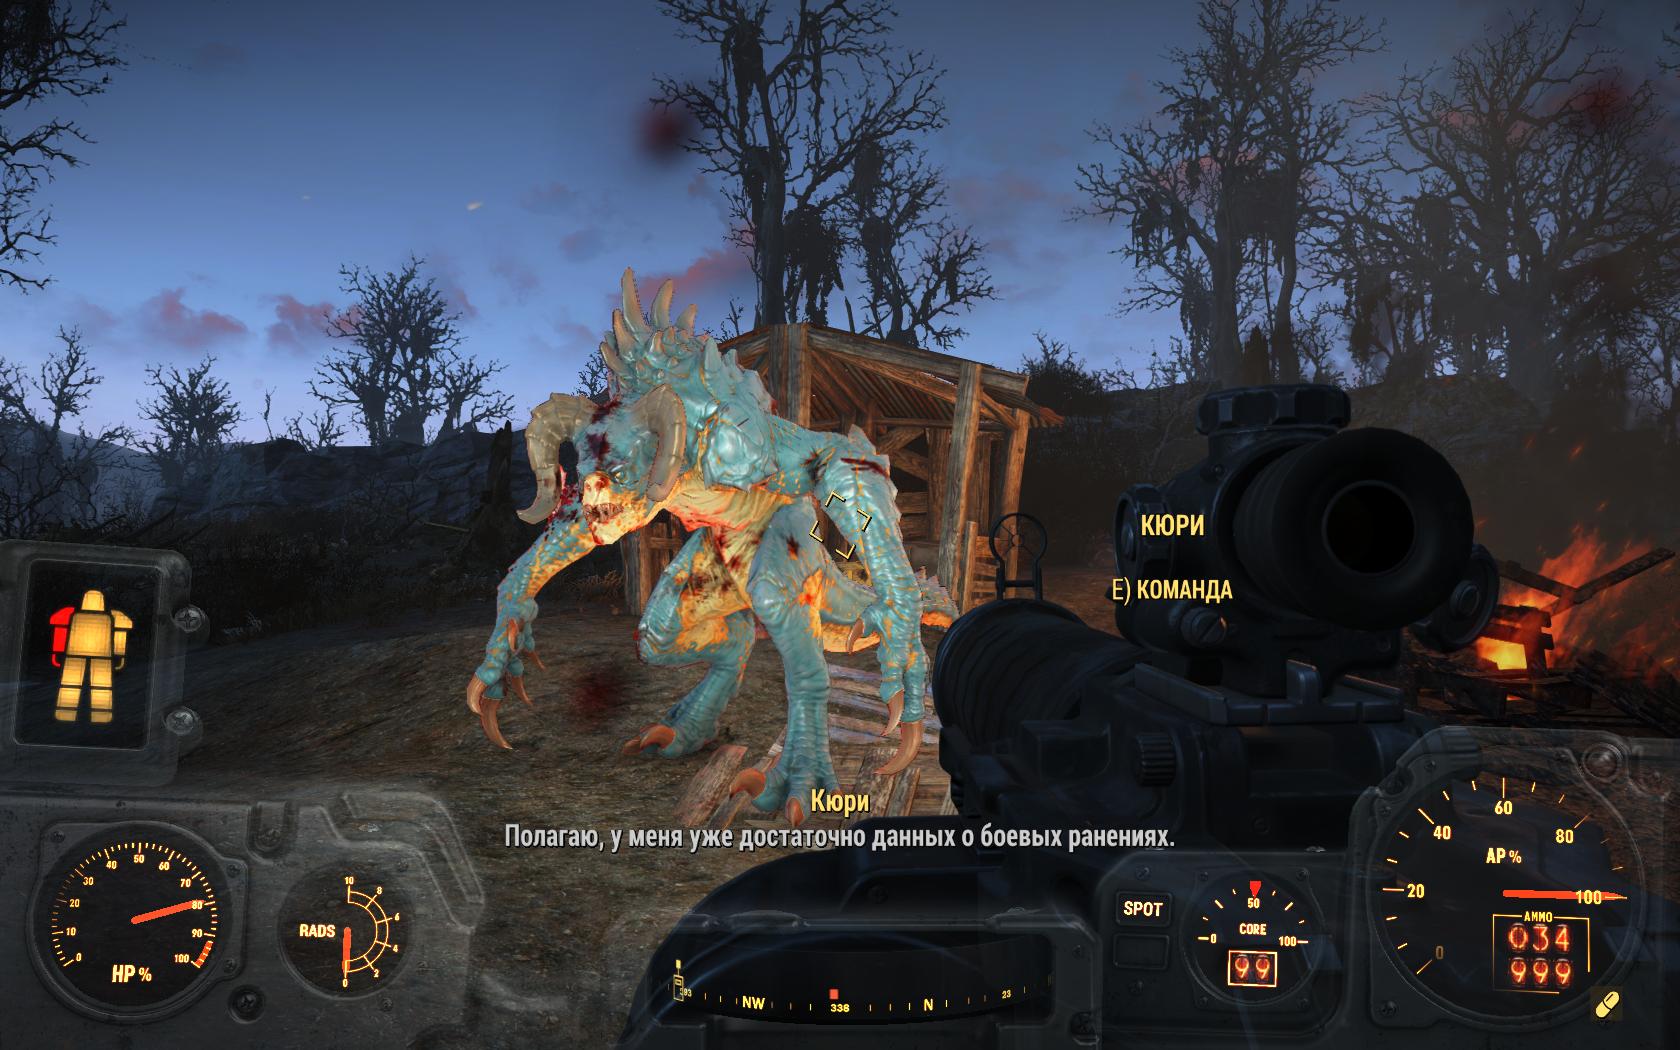 Кюри шутит (Линн-Вудс) - Fallout 4 Линн-Вудс